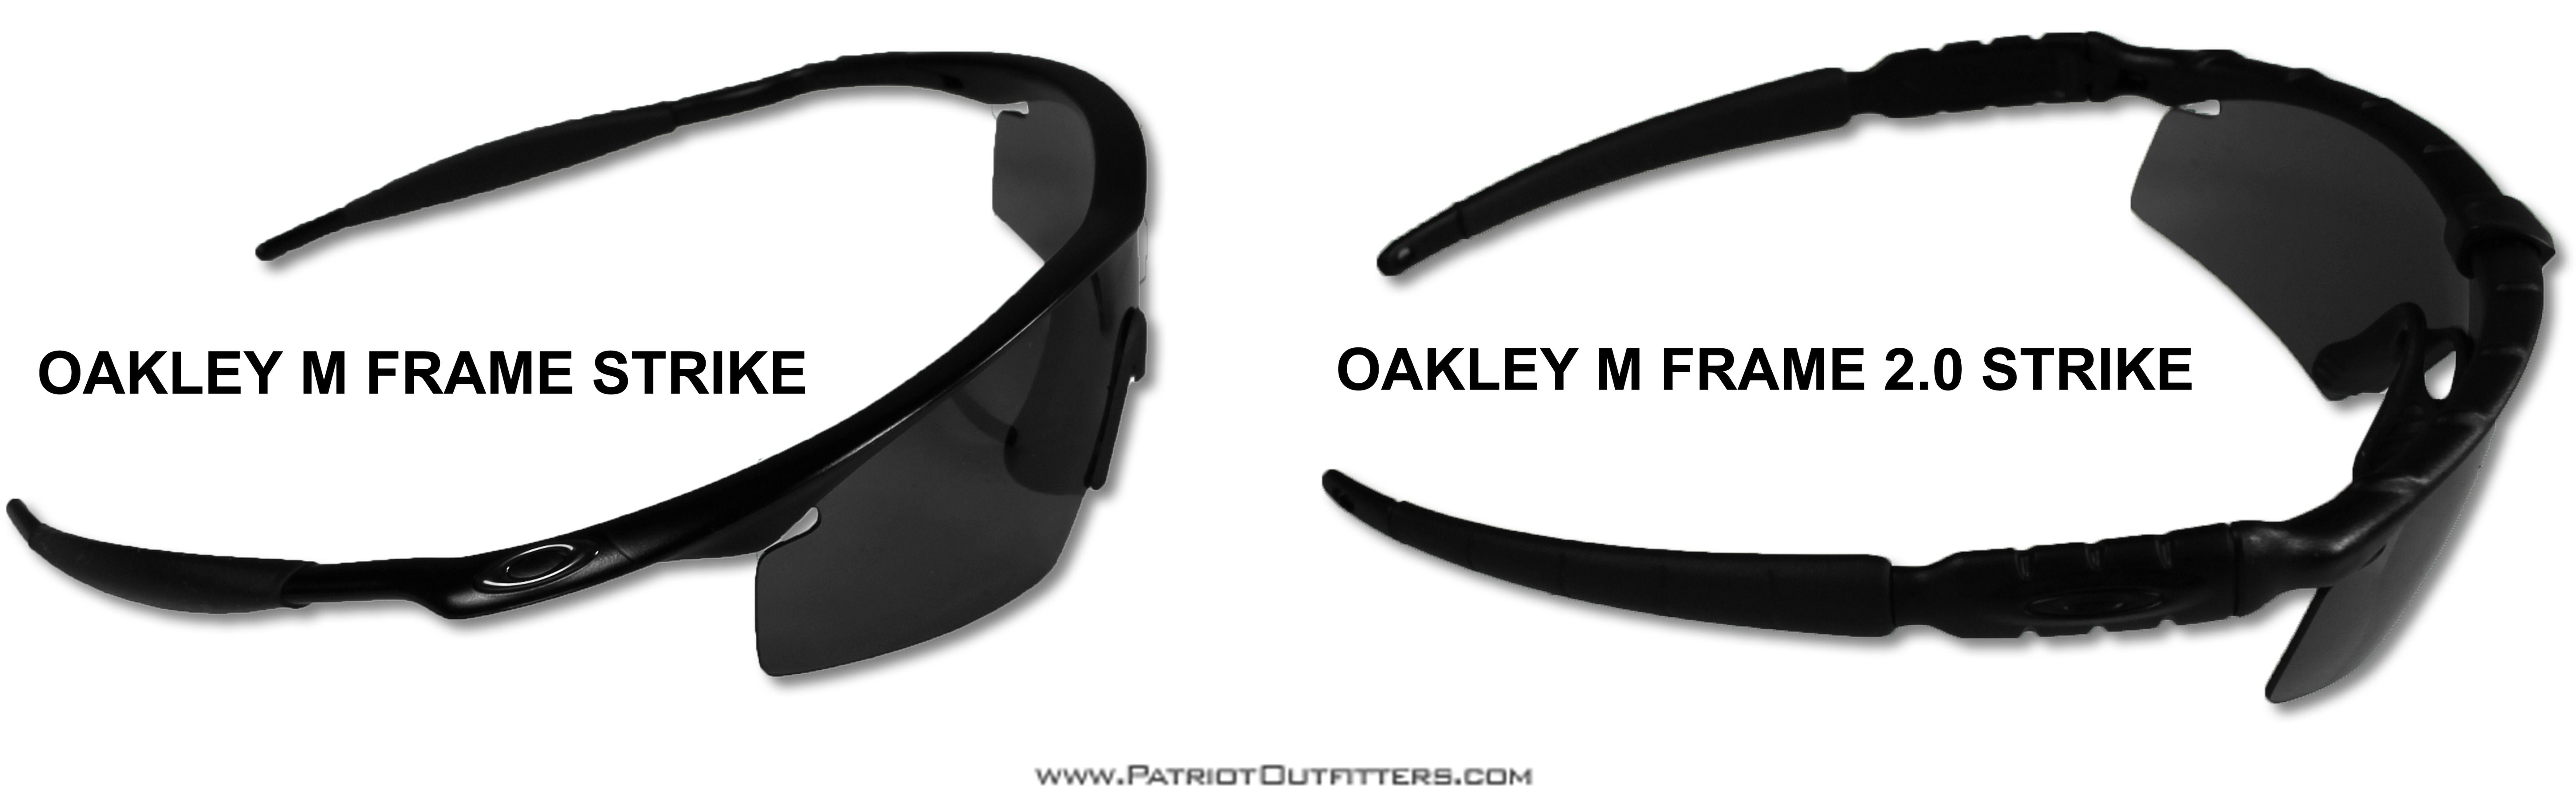 719d9332cd Oakley M Frame and M Frame 2.0 Strike Comparison